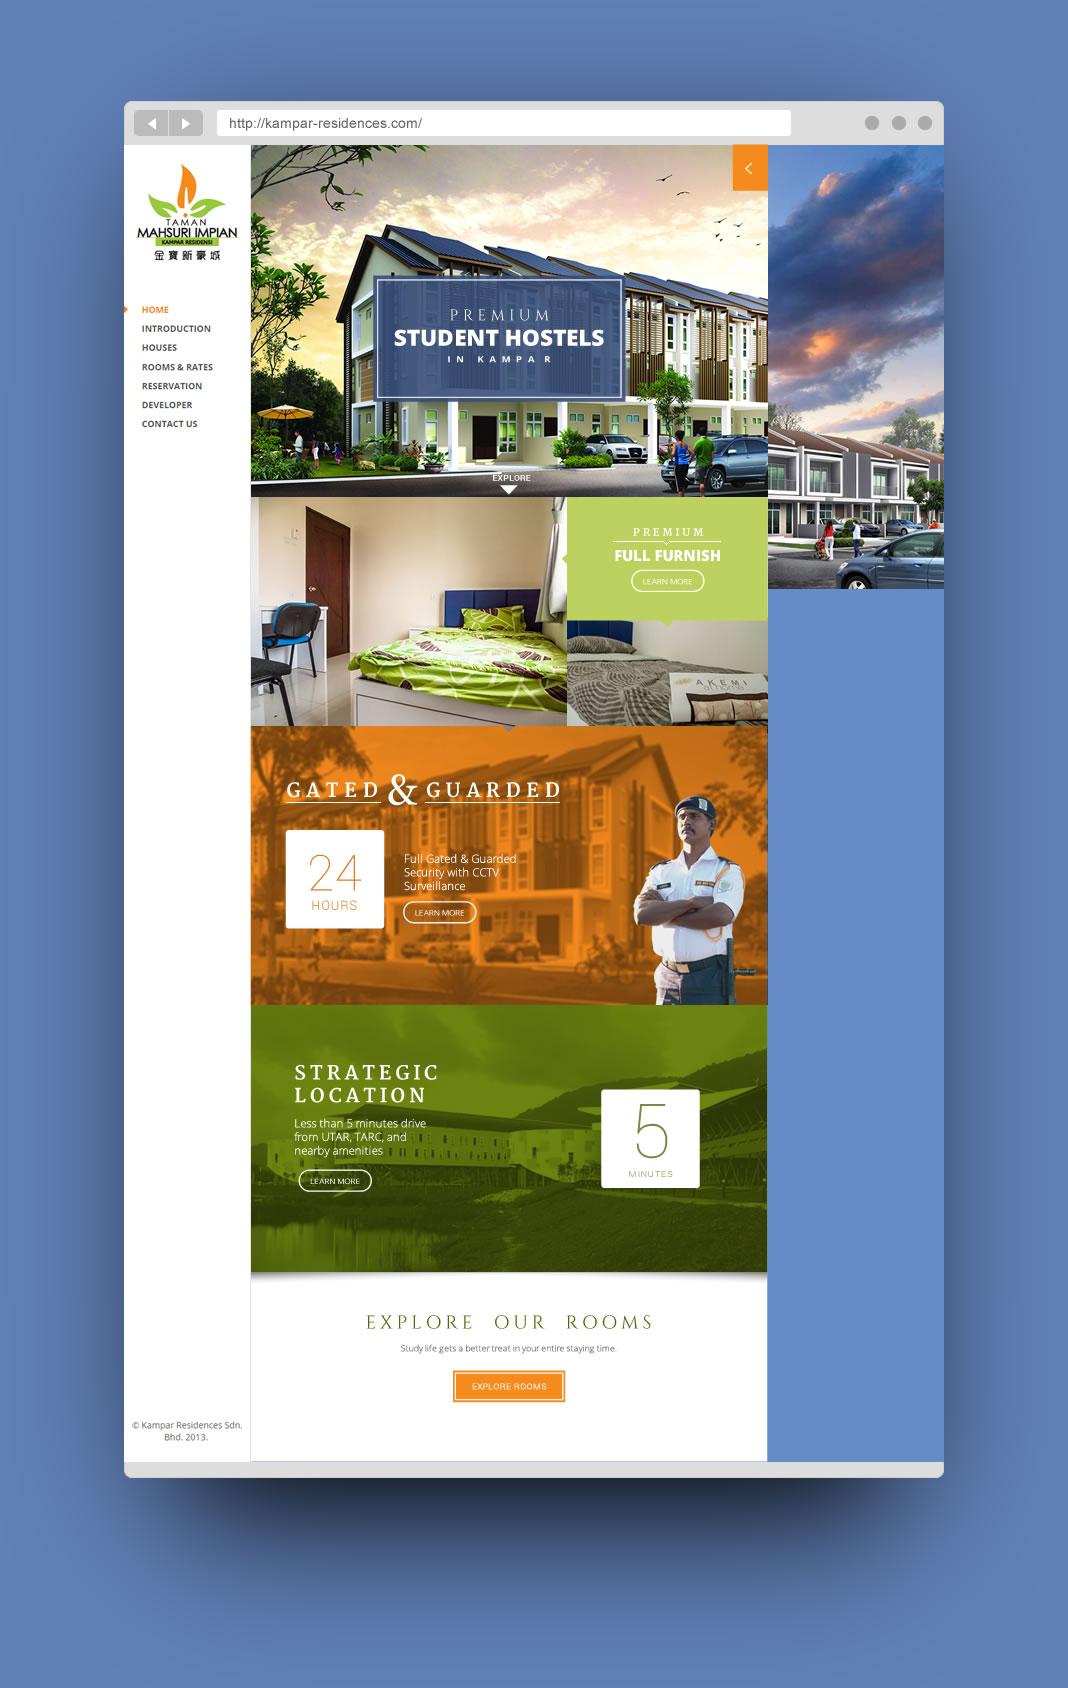 Kampar Website Design